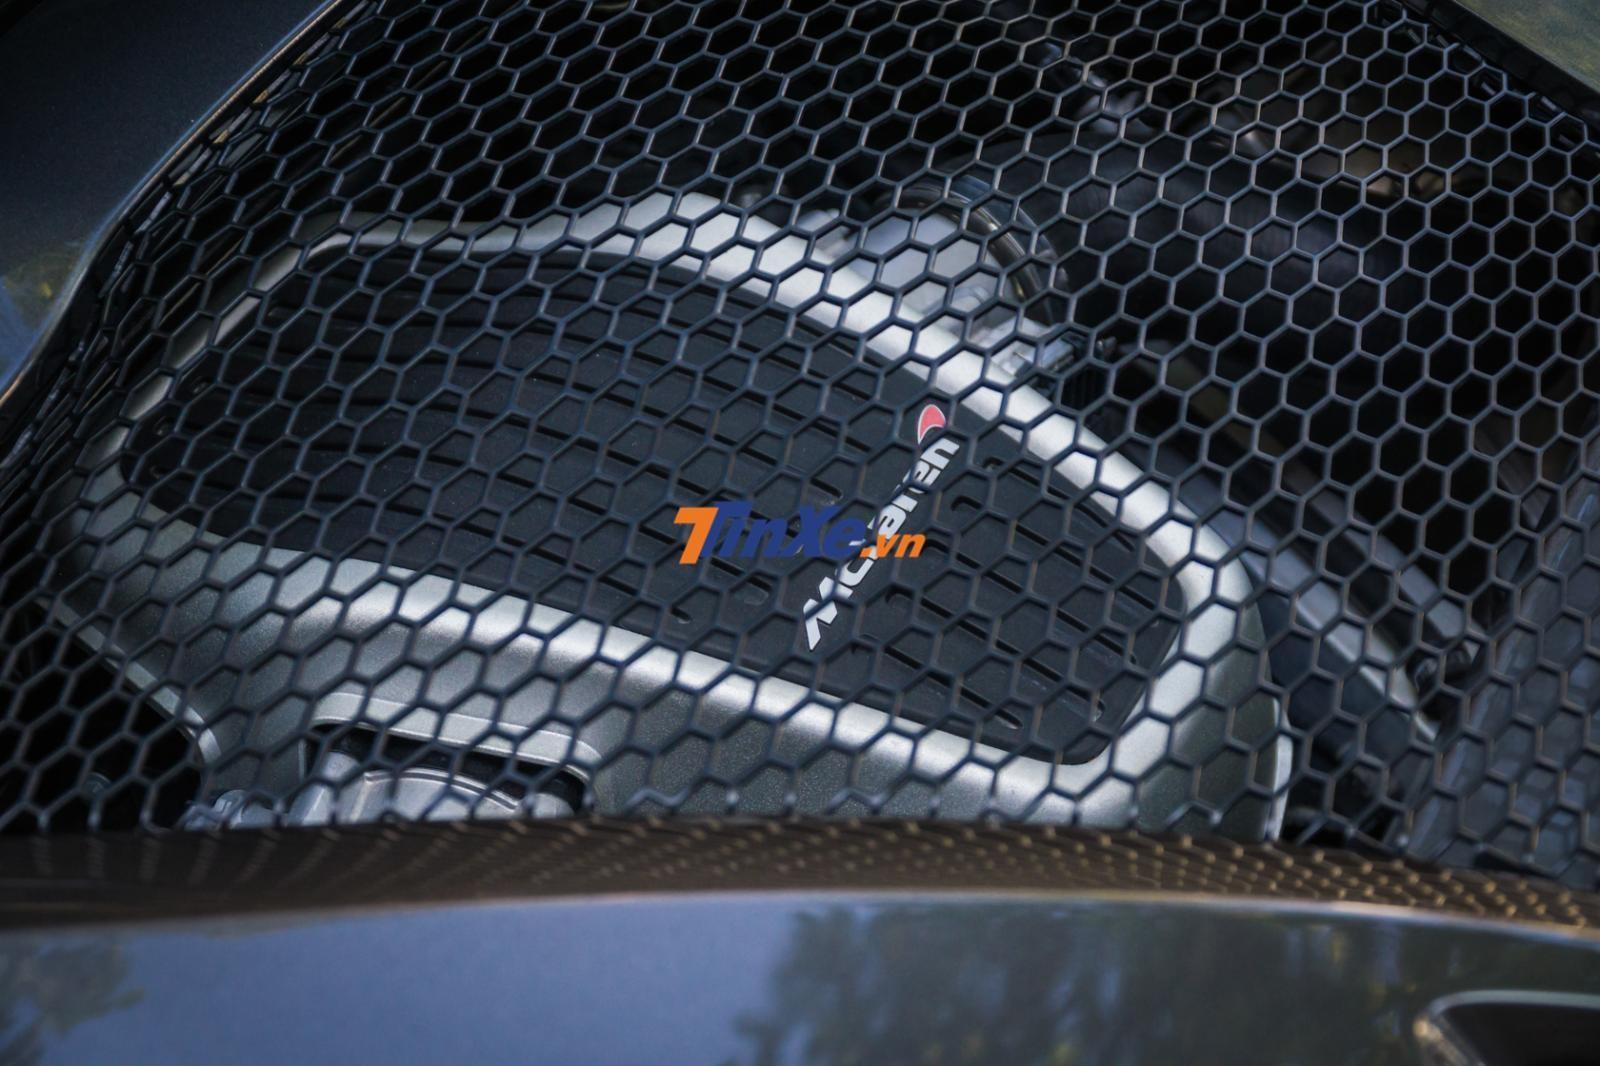 Siêu xe McLaren 570S độ độc nhất Việt Nam vẫn sử dụng động cơ V8, tăng táp kép, dung tích 3,8 lít